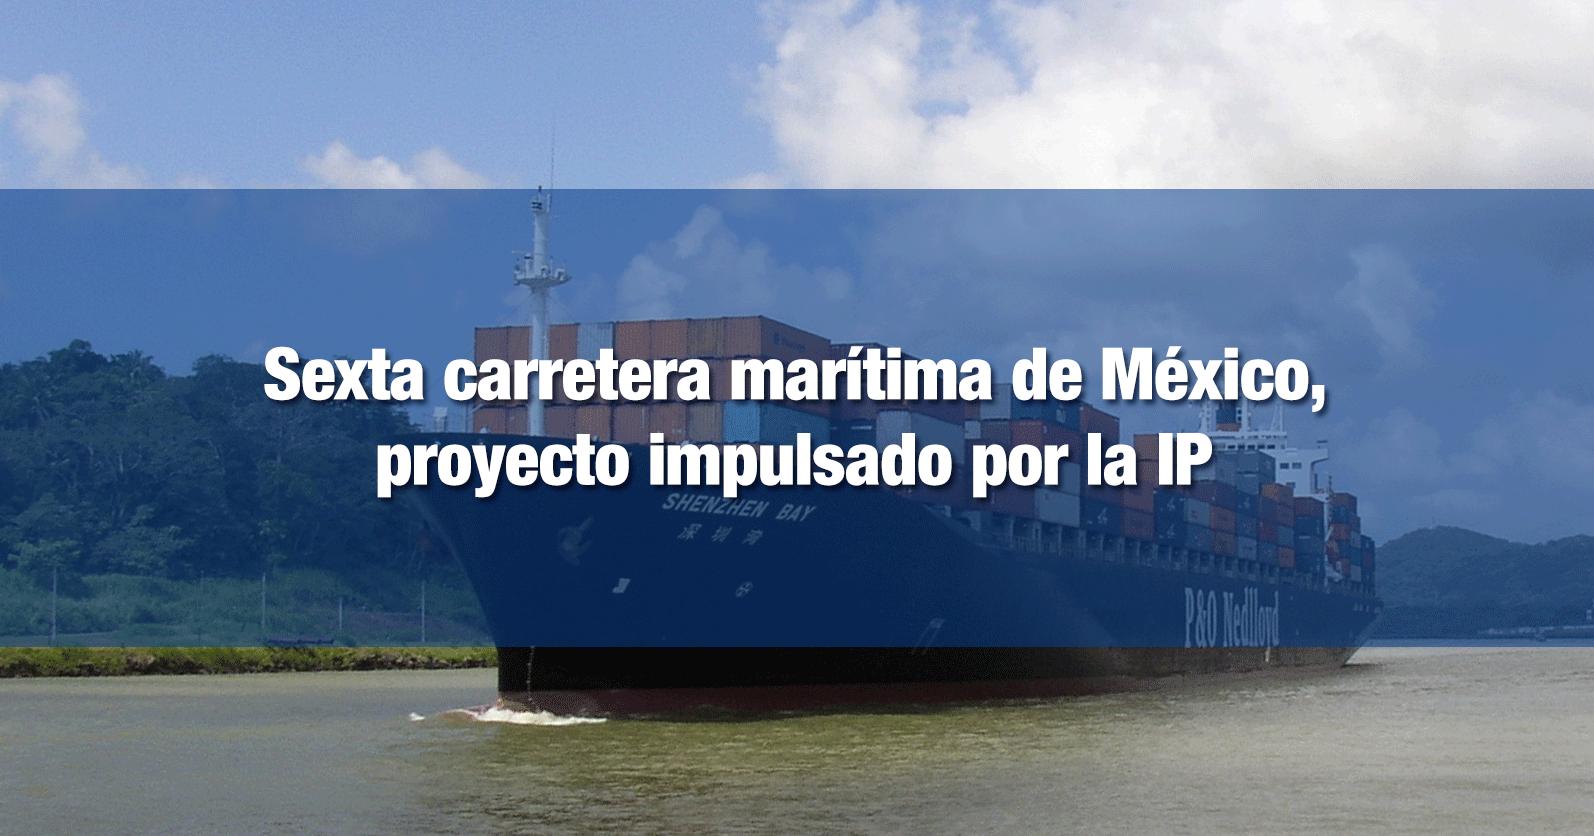 Sexta carretera marítima de México, proyecto impulsado por la IP